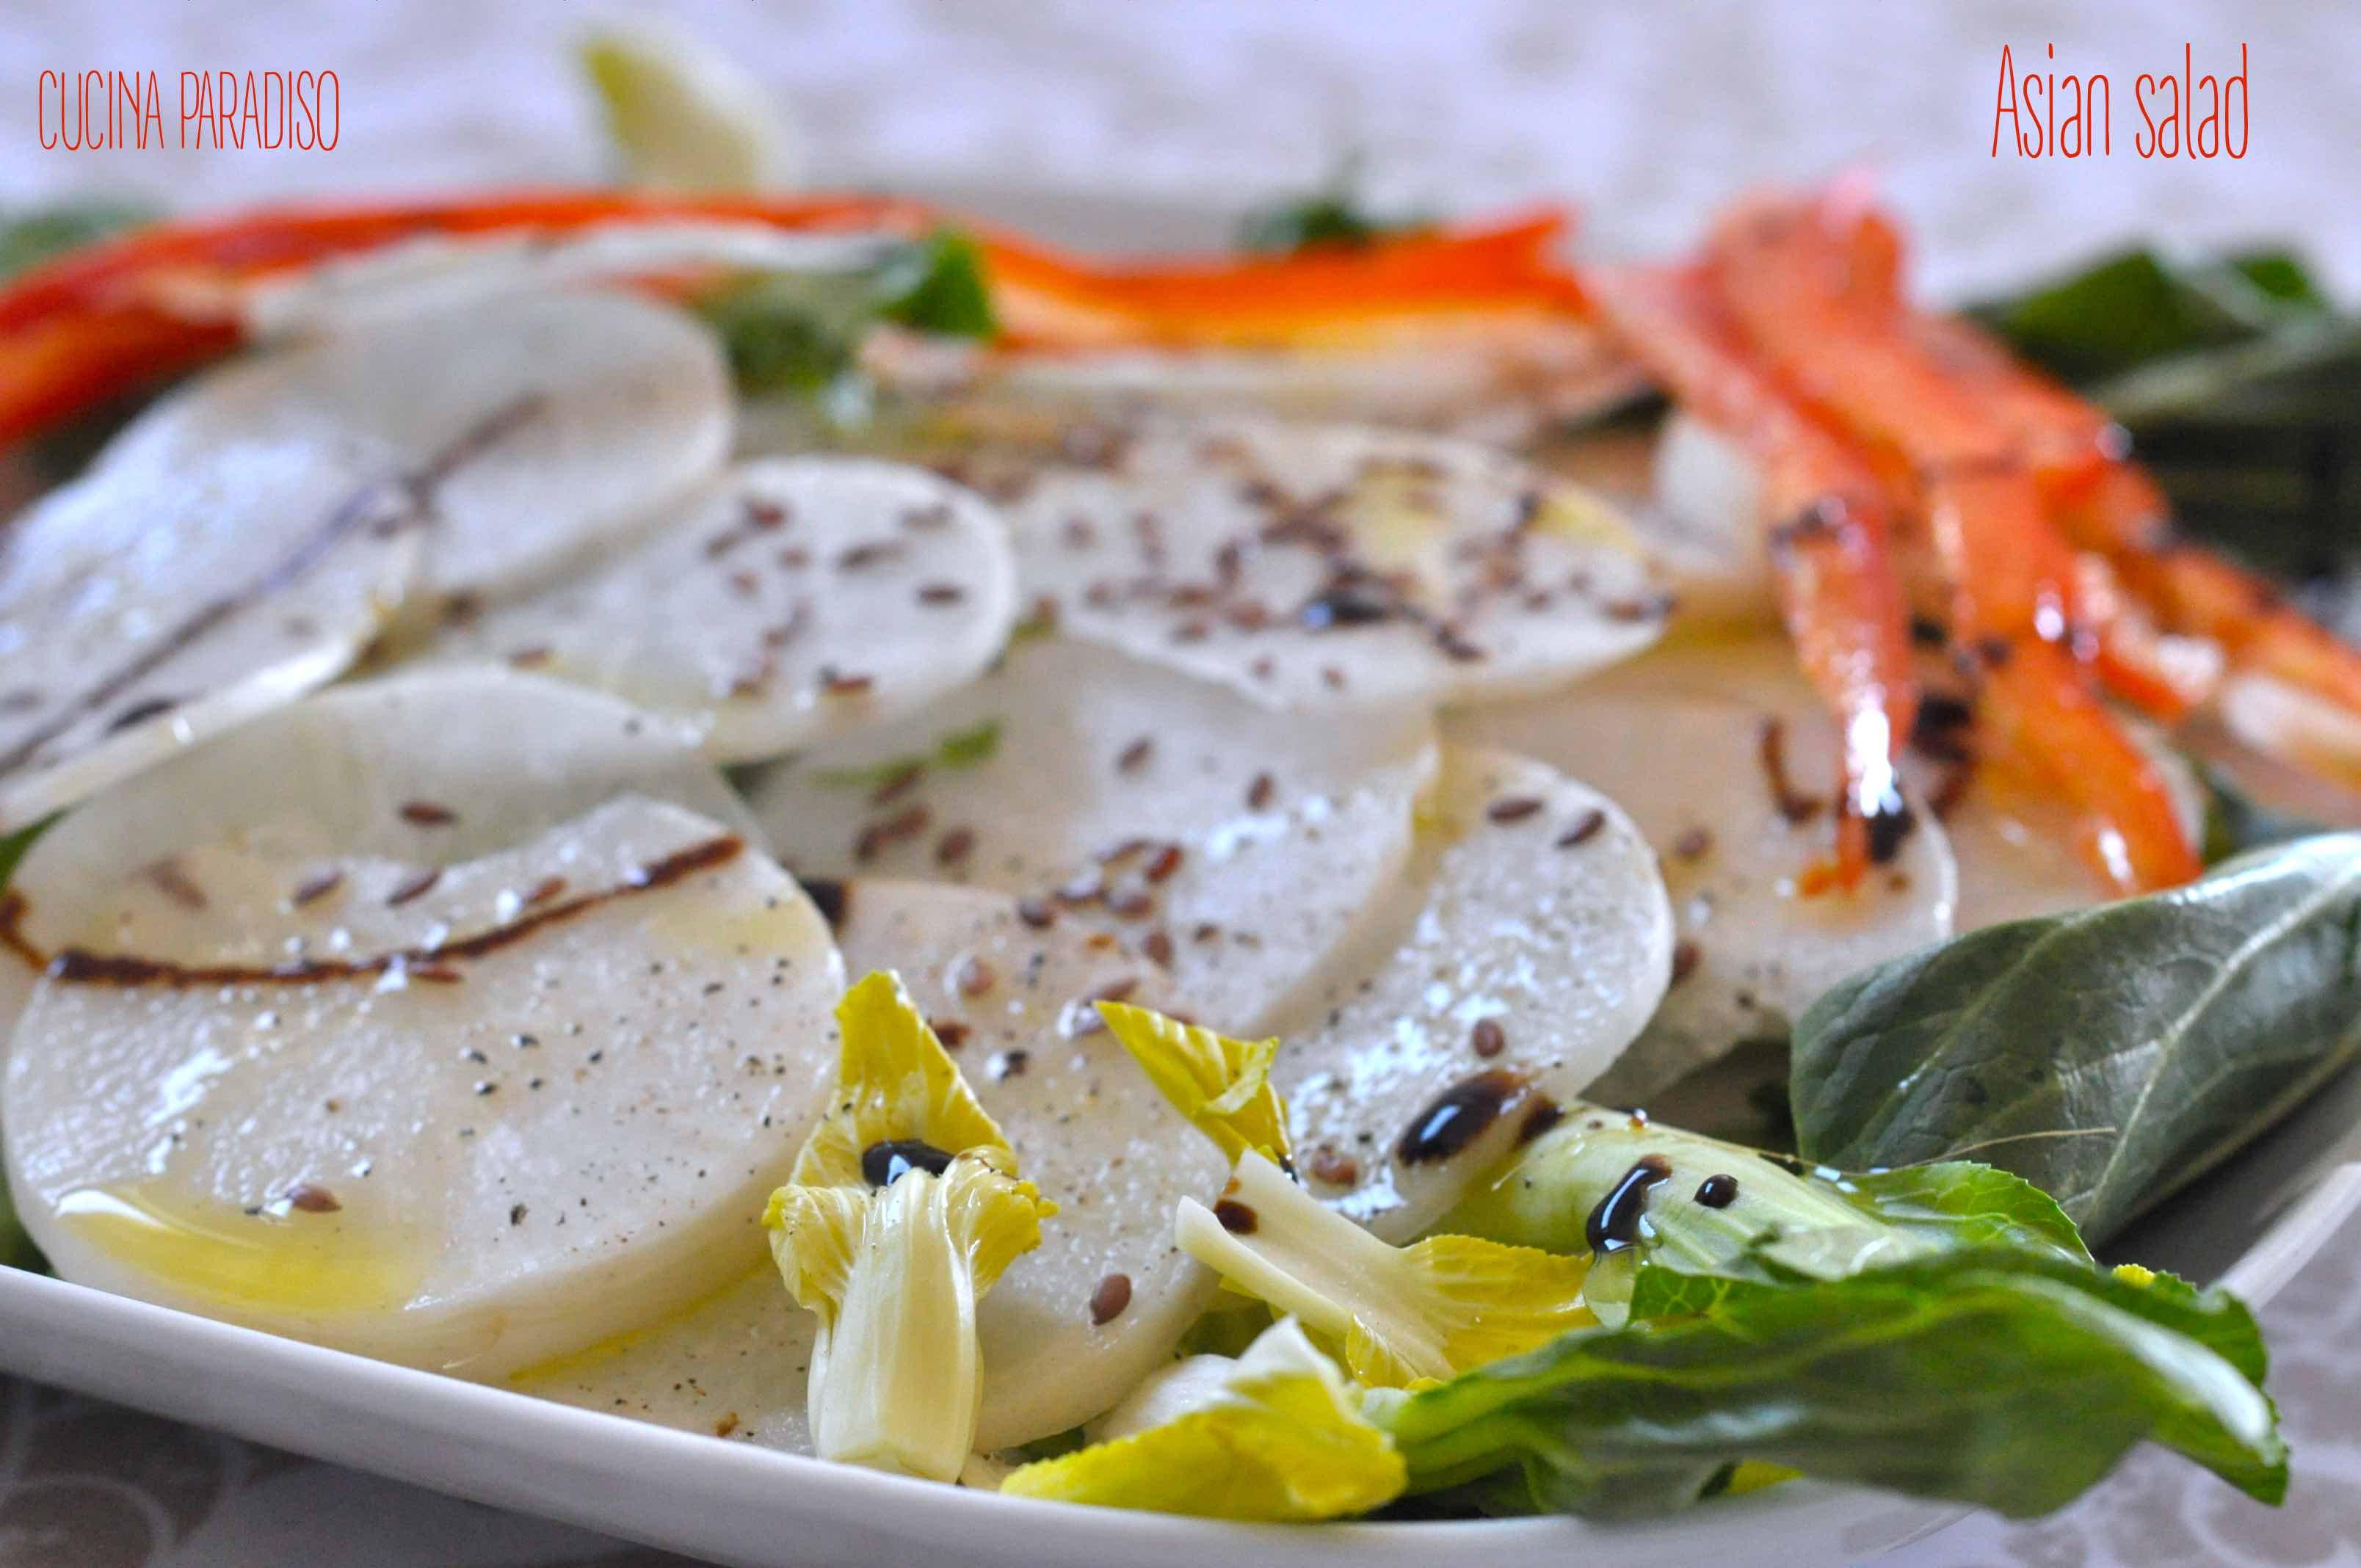 Asian salad2